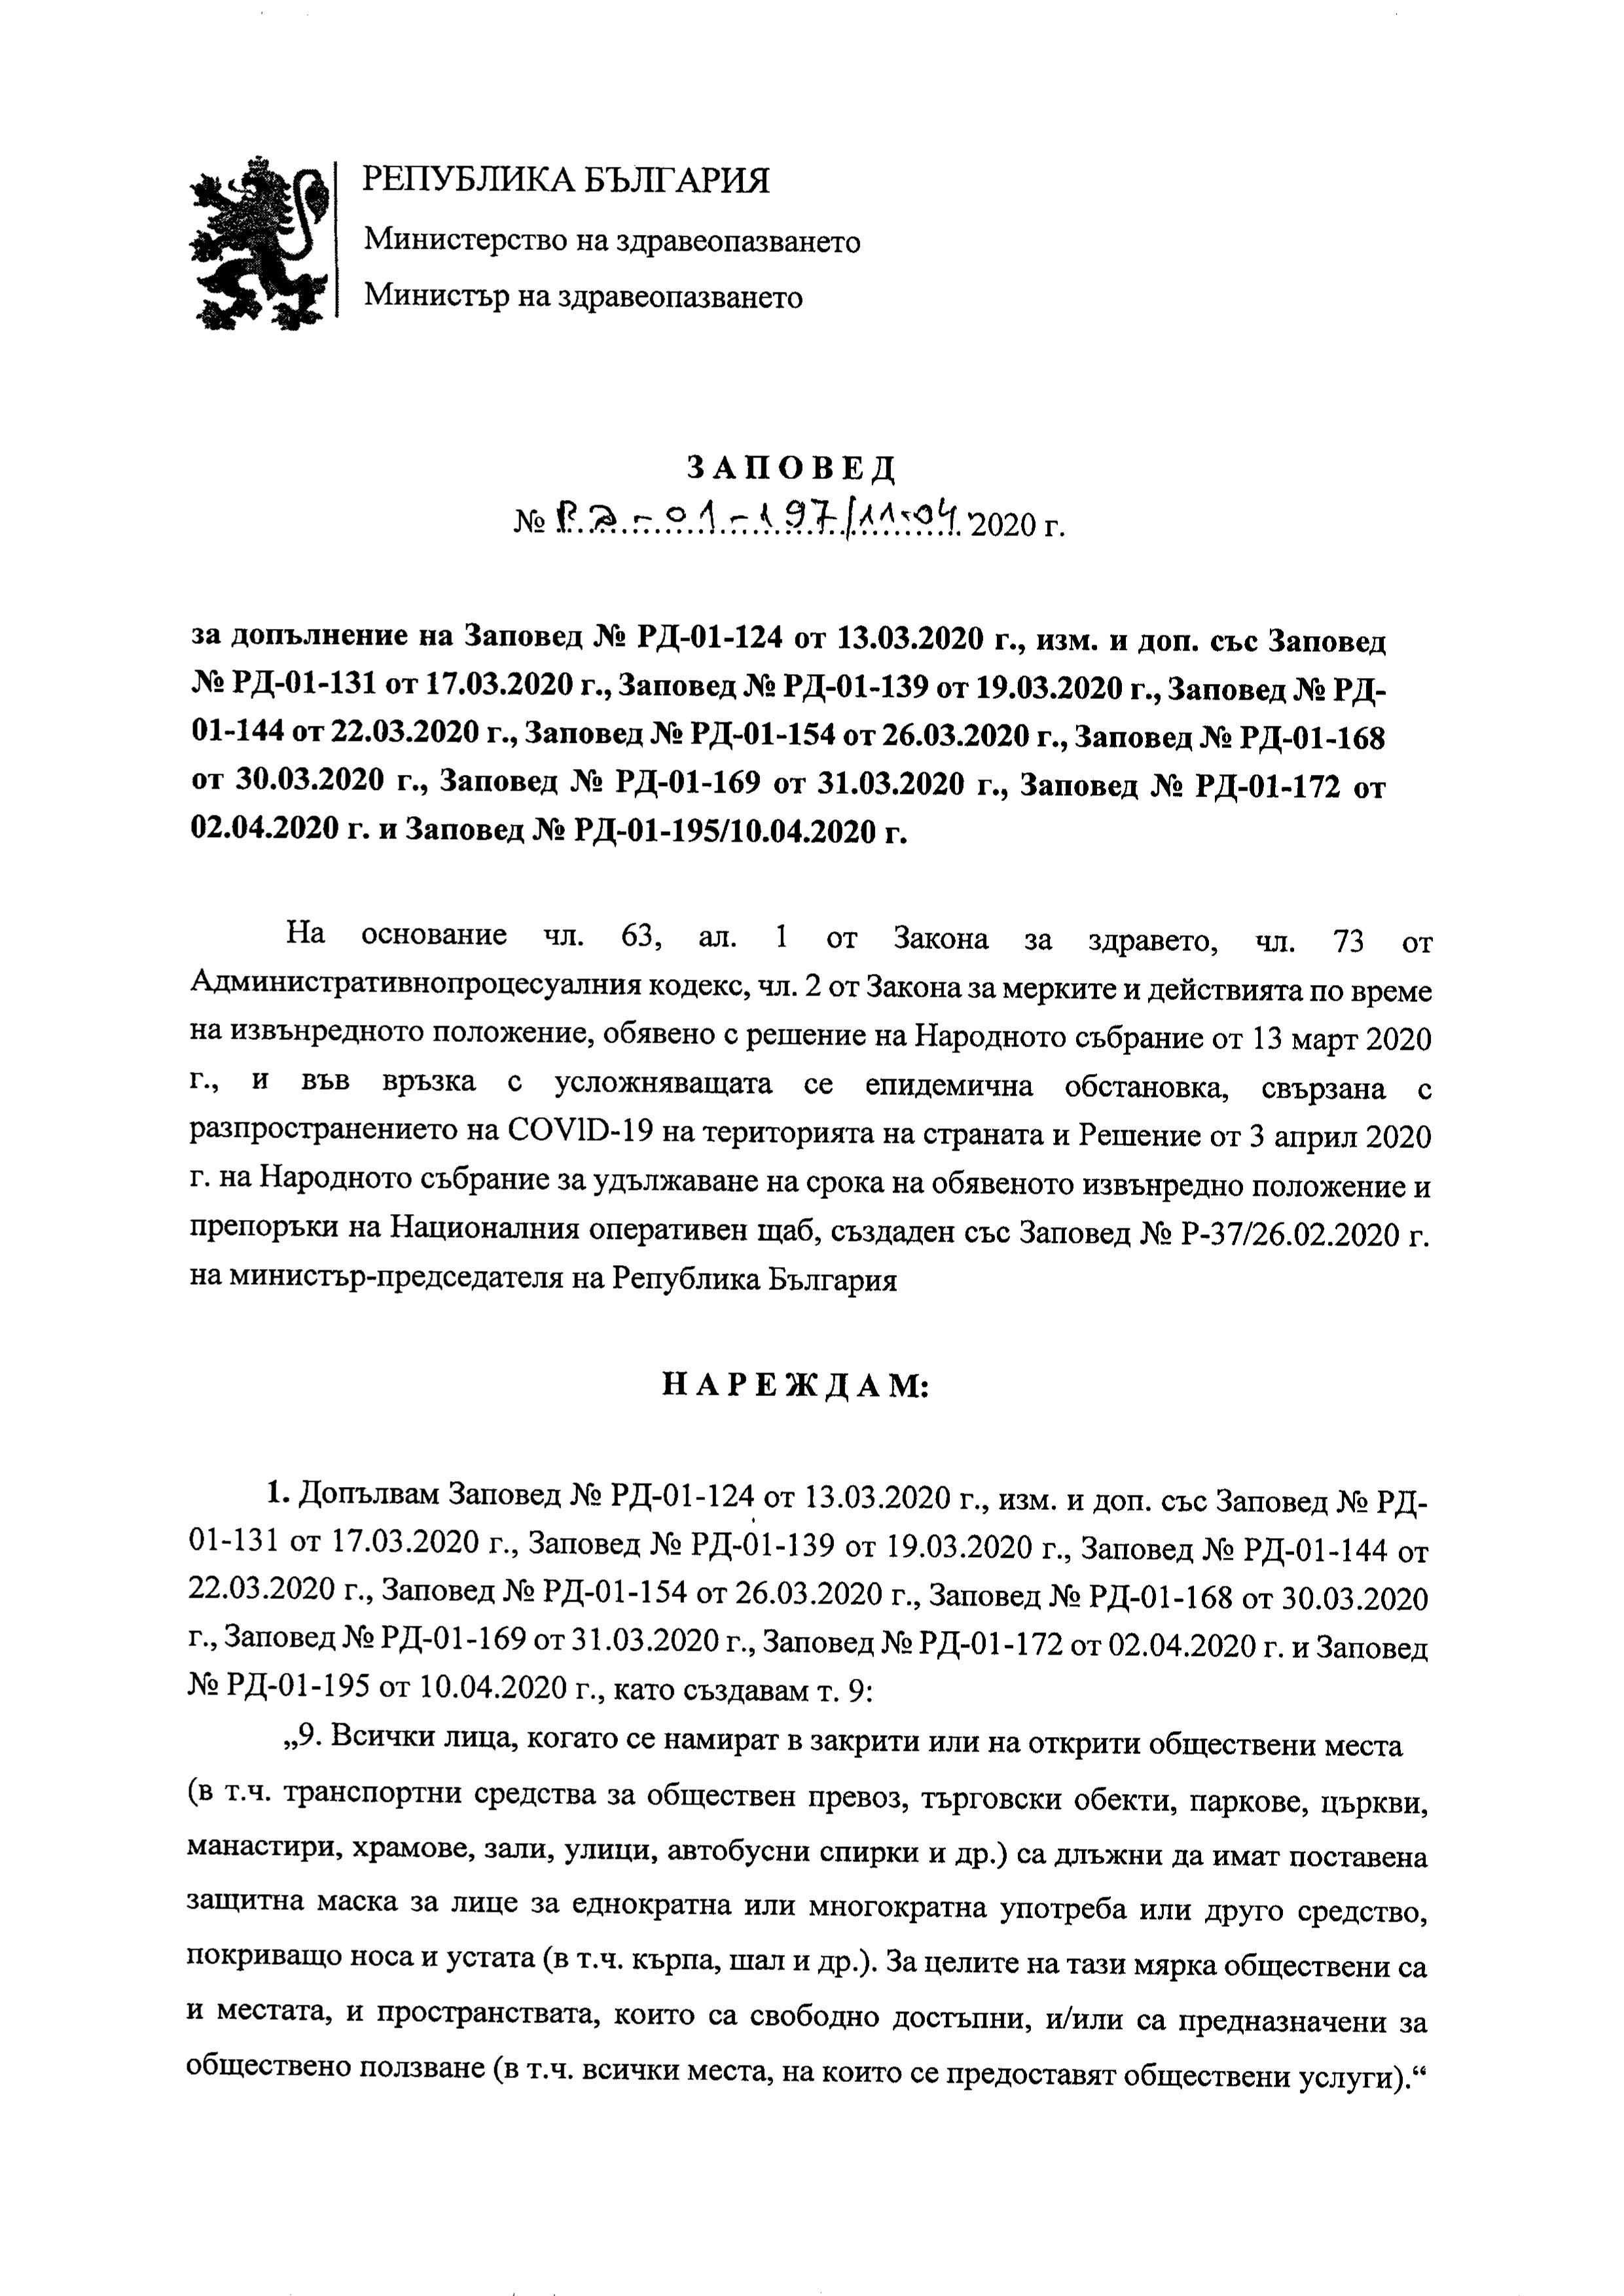 ЗАПОВЕД__РД-01-197-11042020